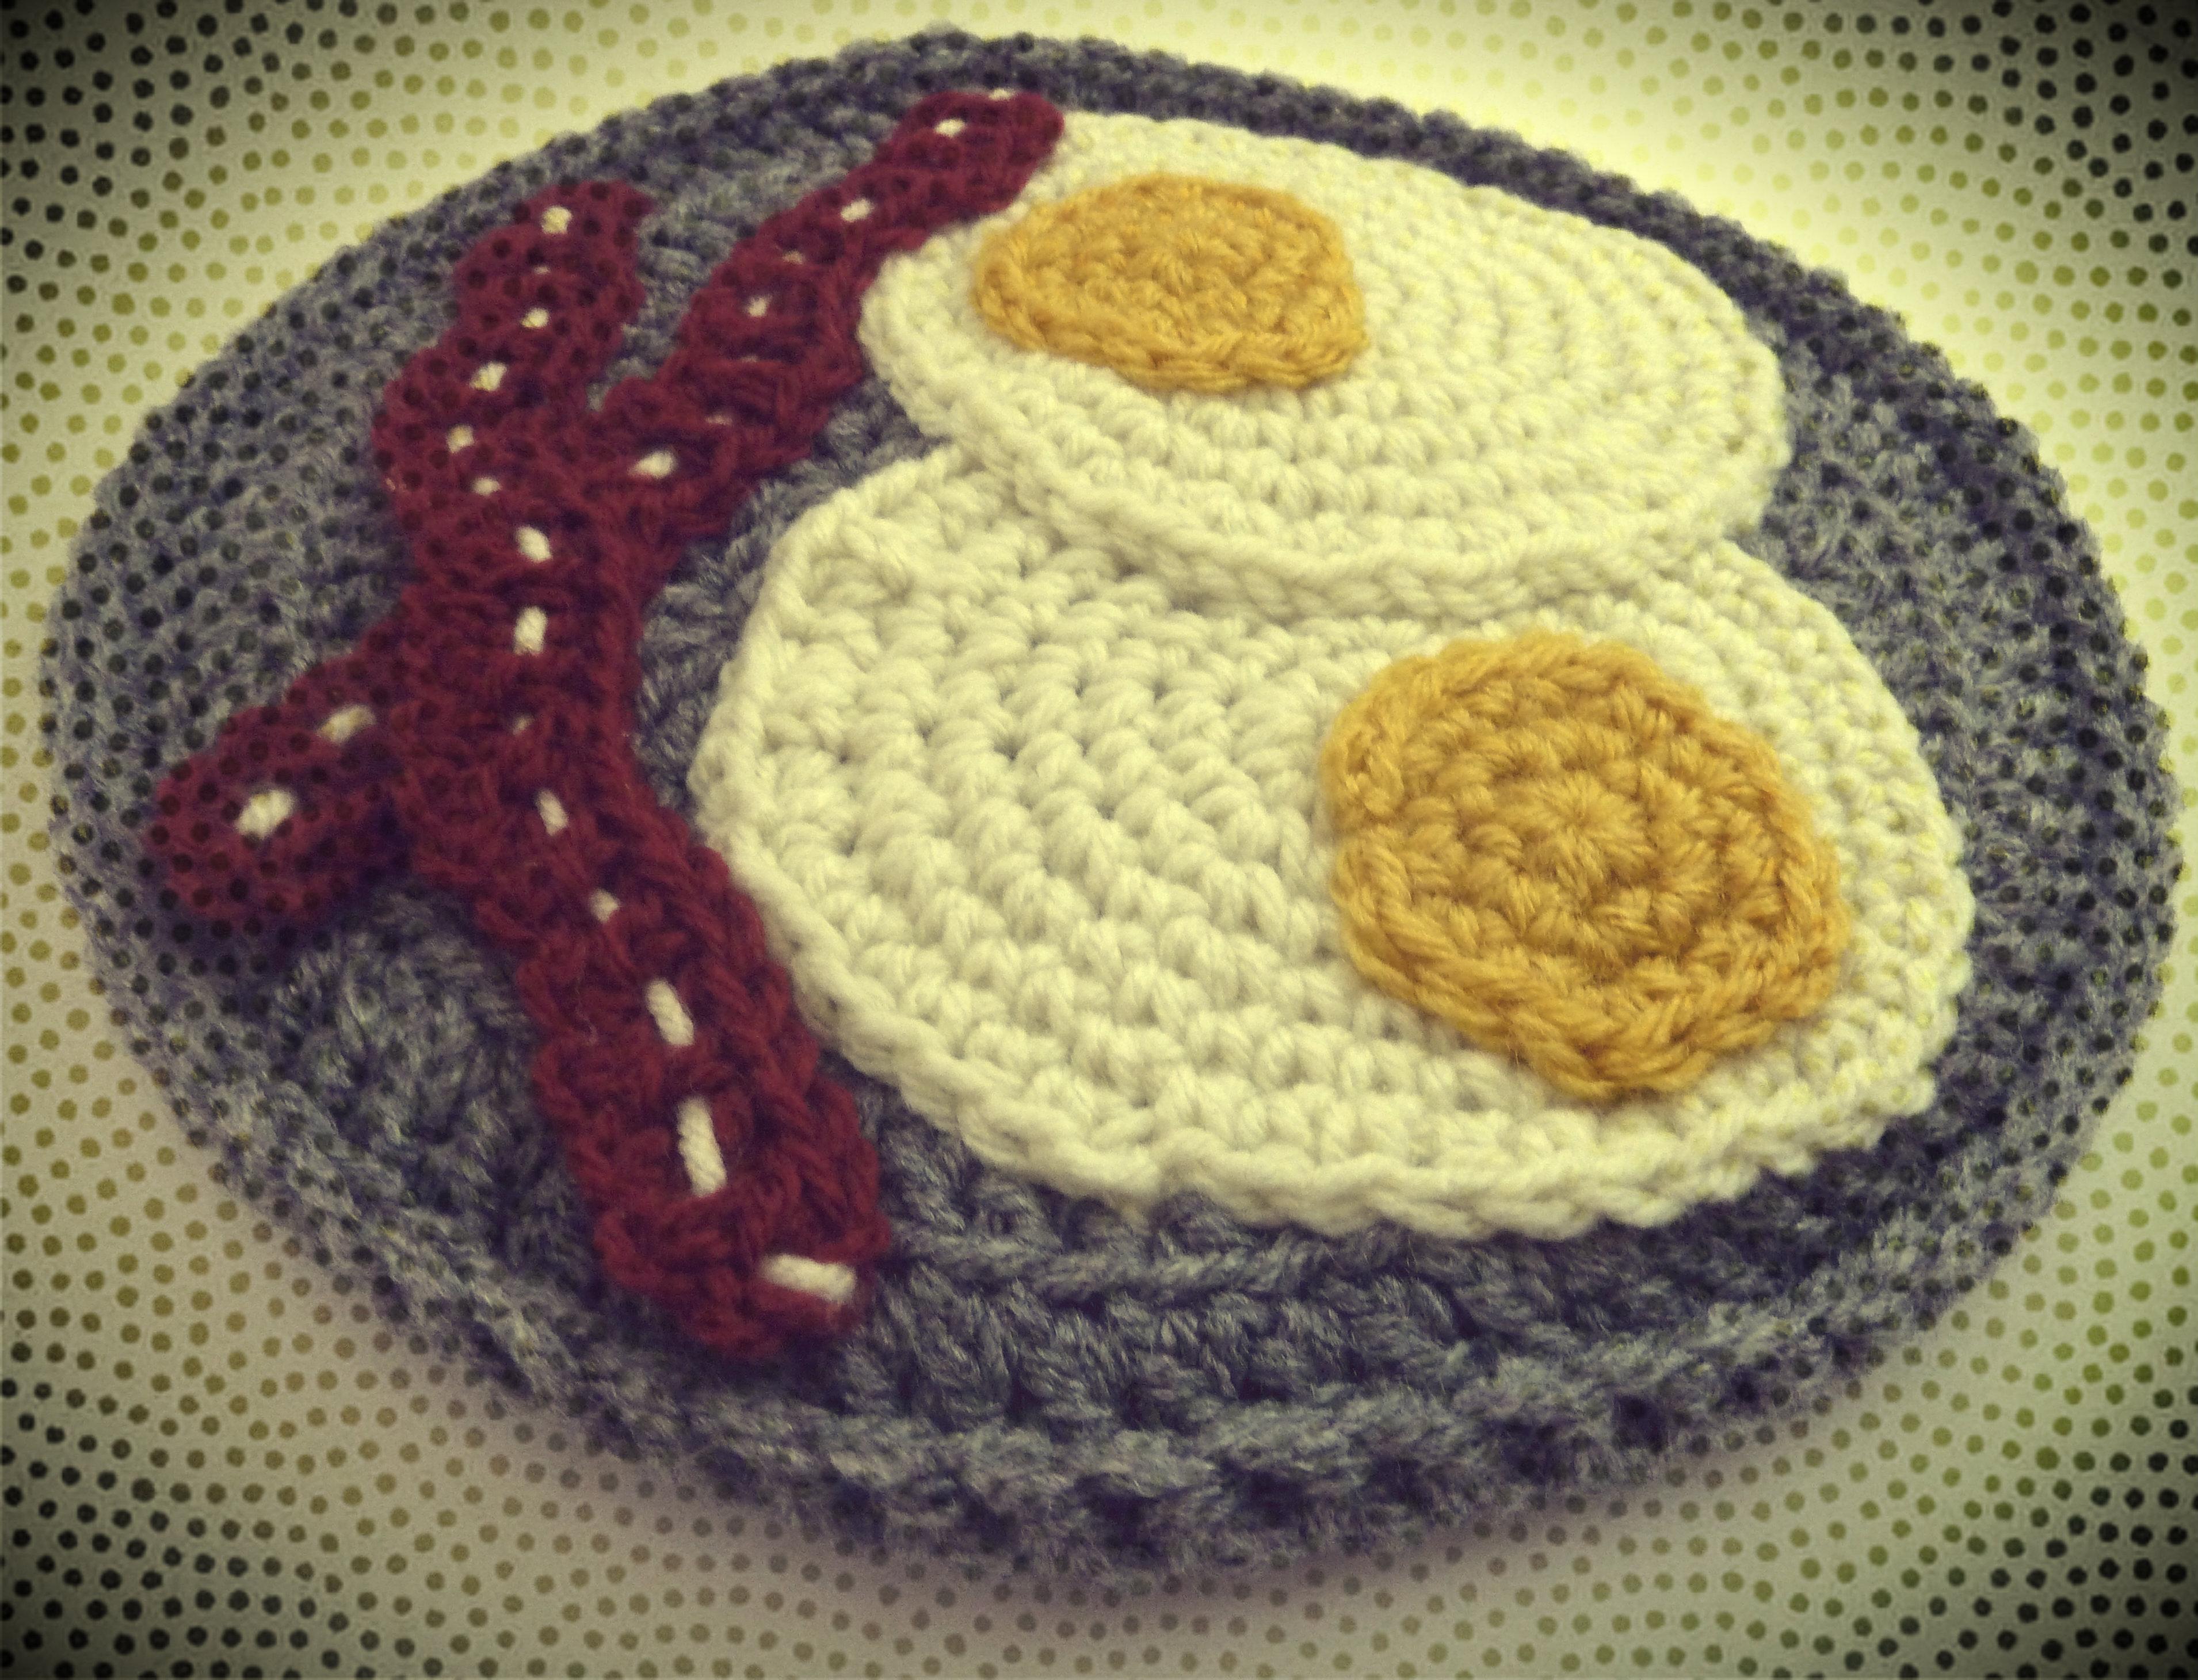 Crochet Trivets Free Pattern Free Eggs Bacon Potholder Crochet Pattern Book People Studio